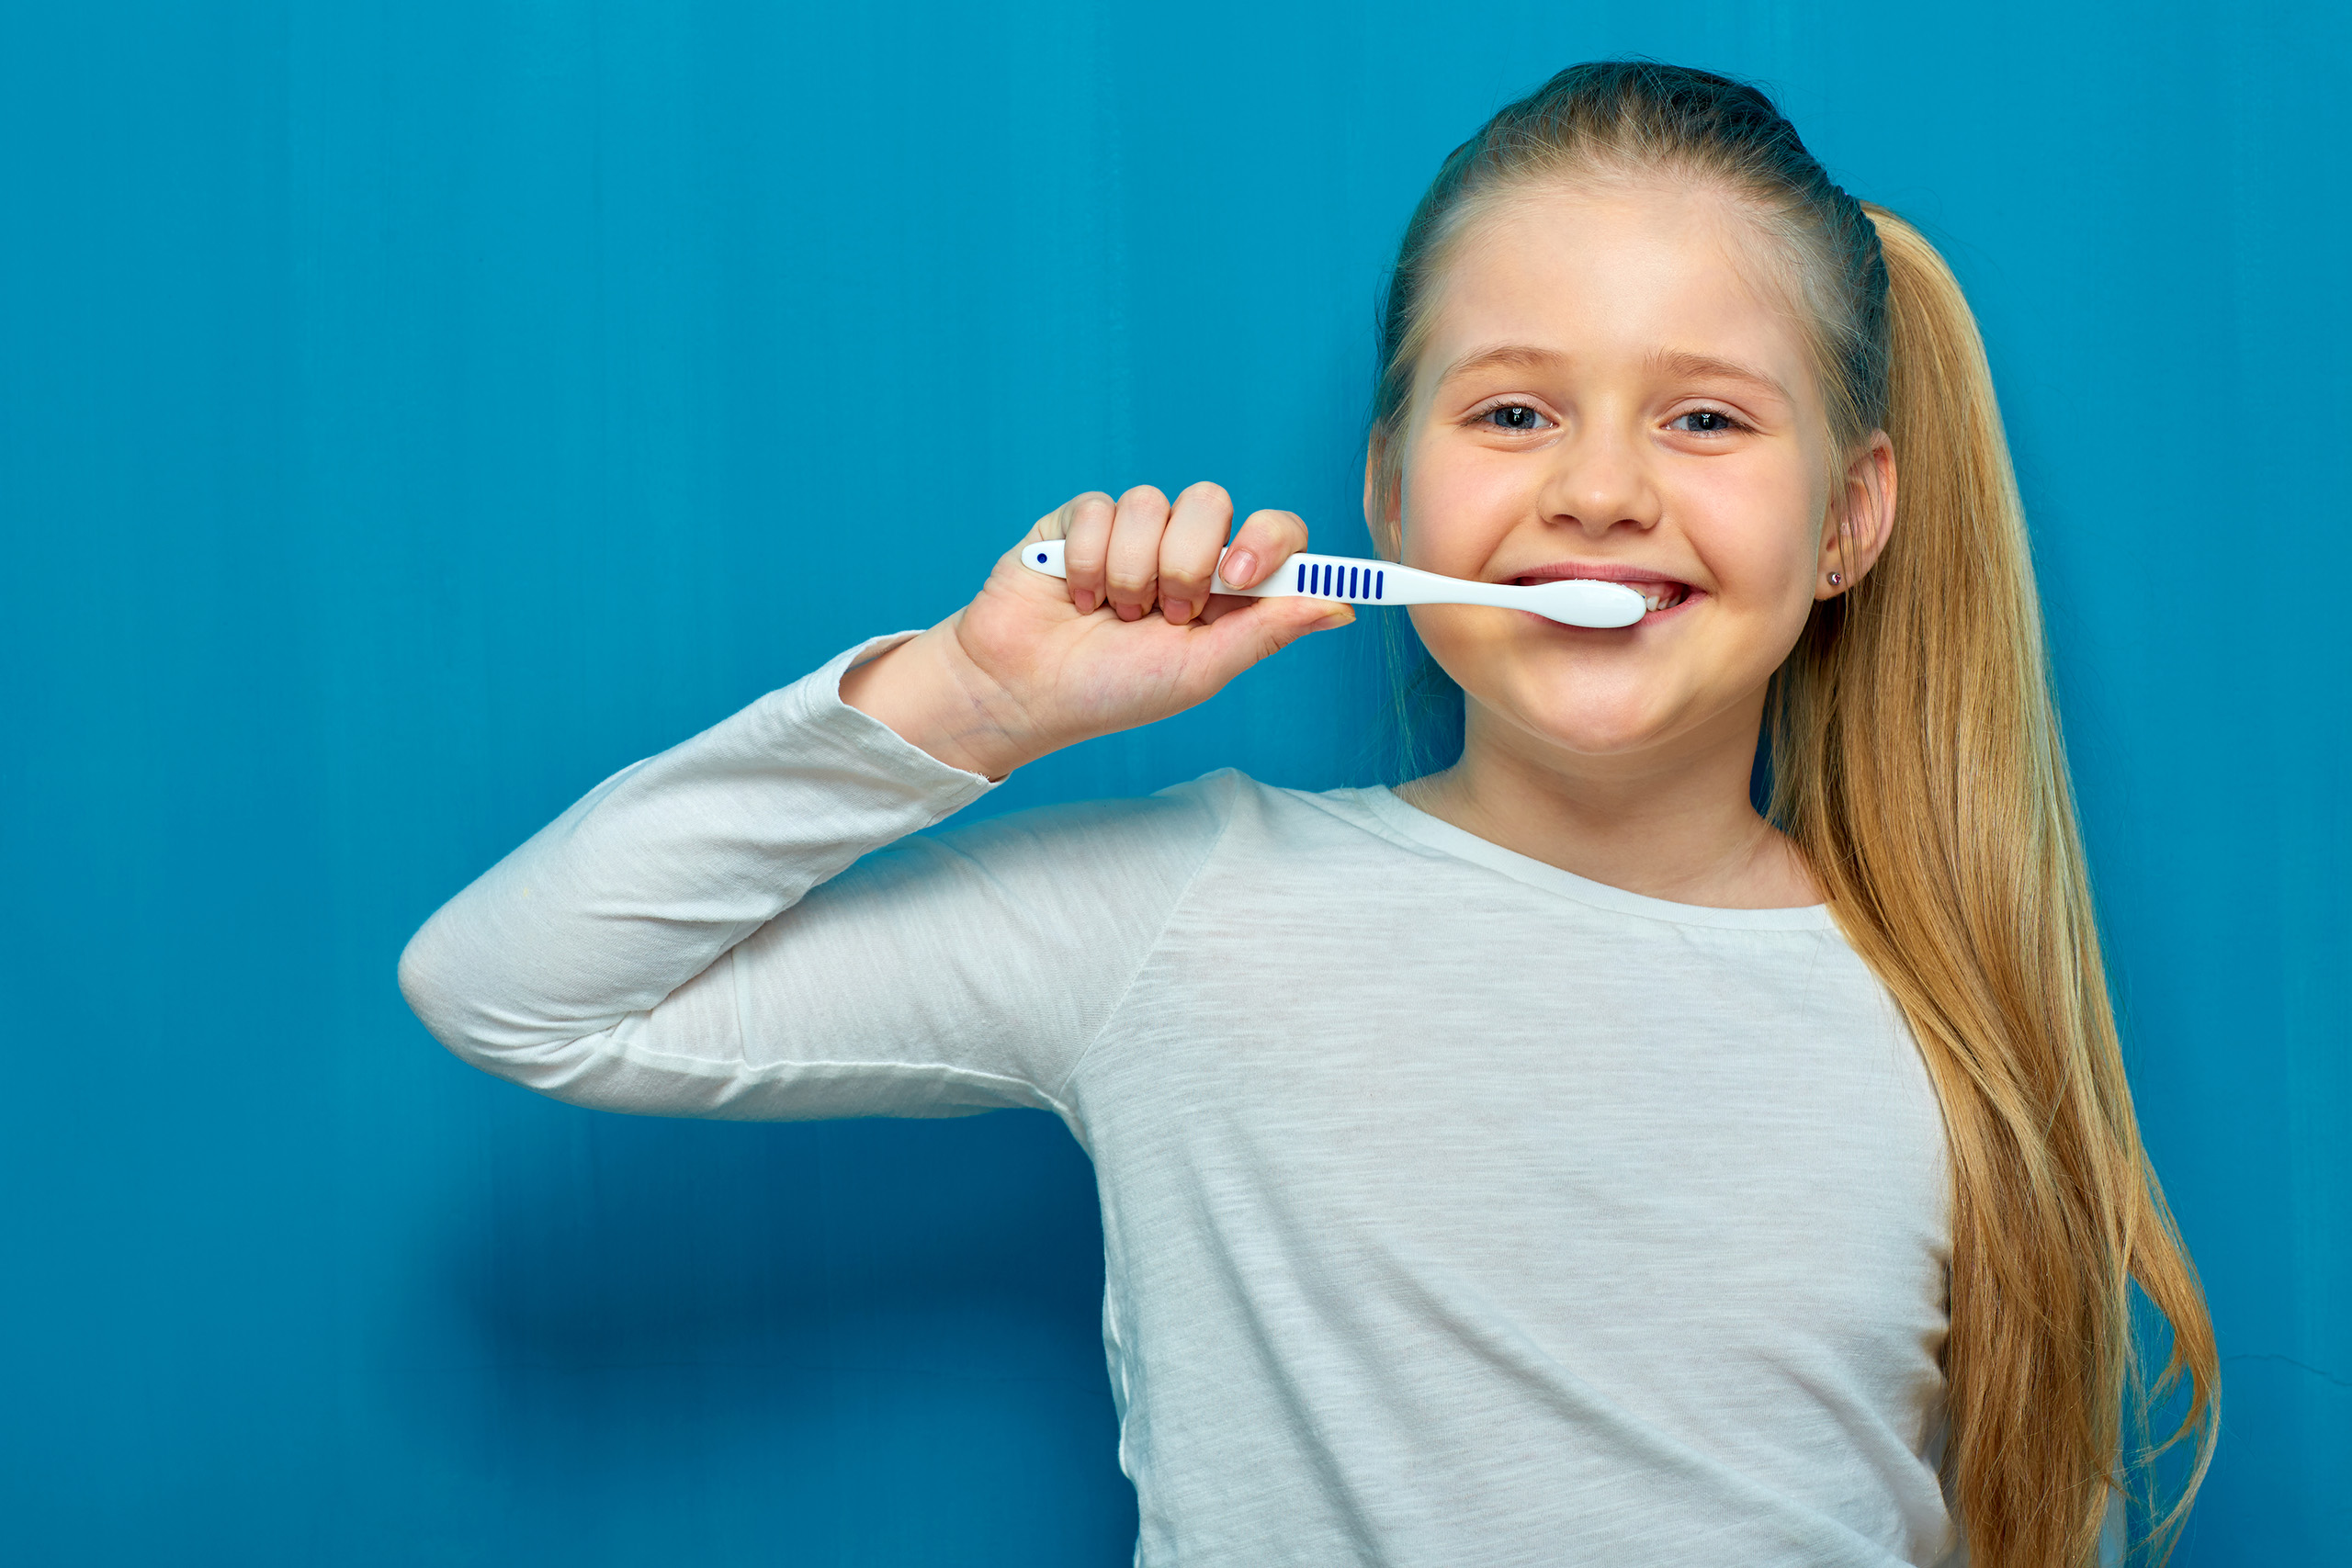 spazzolino-dentista-bambina